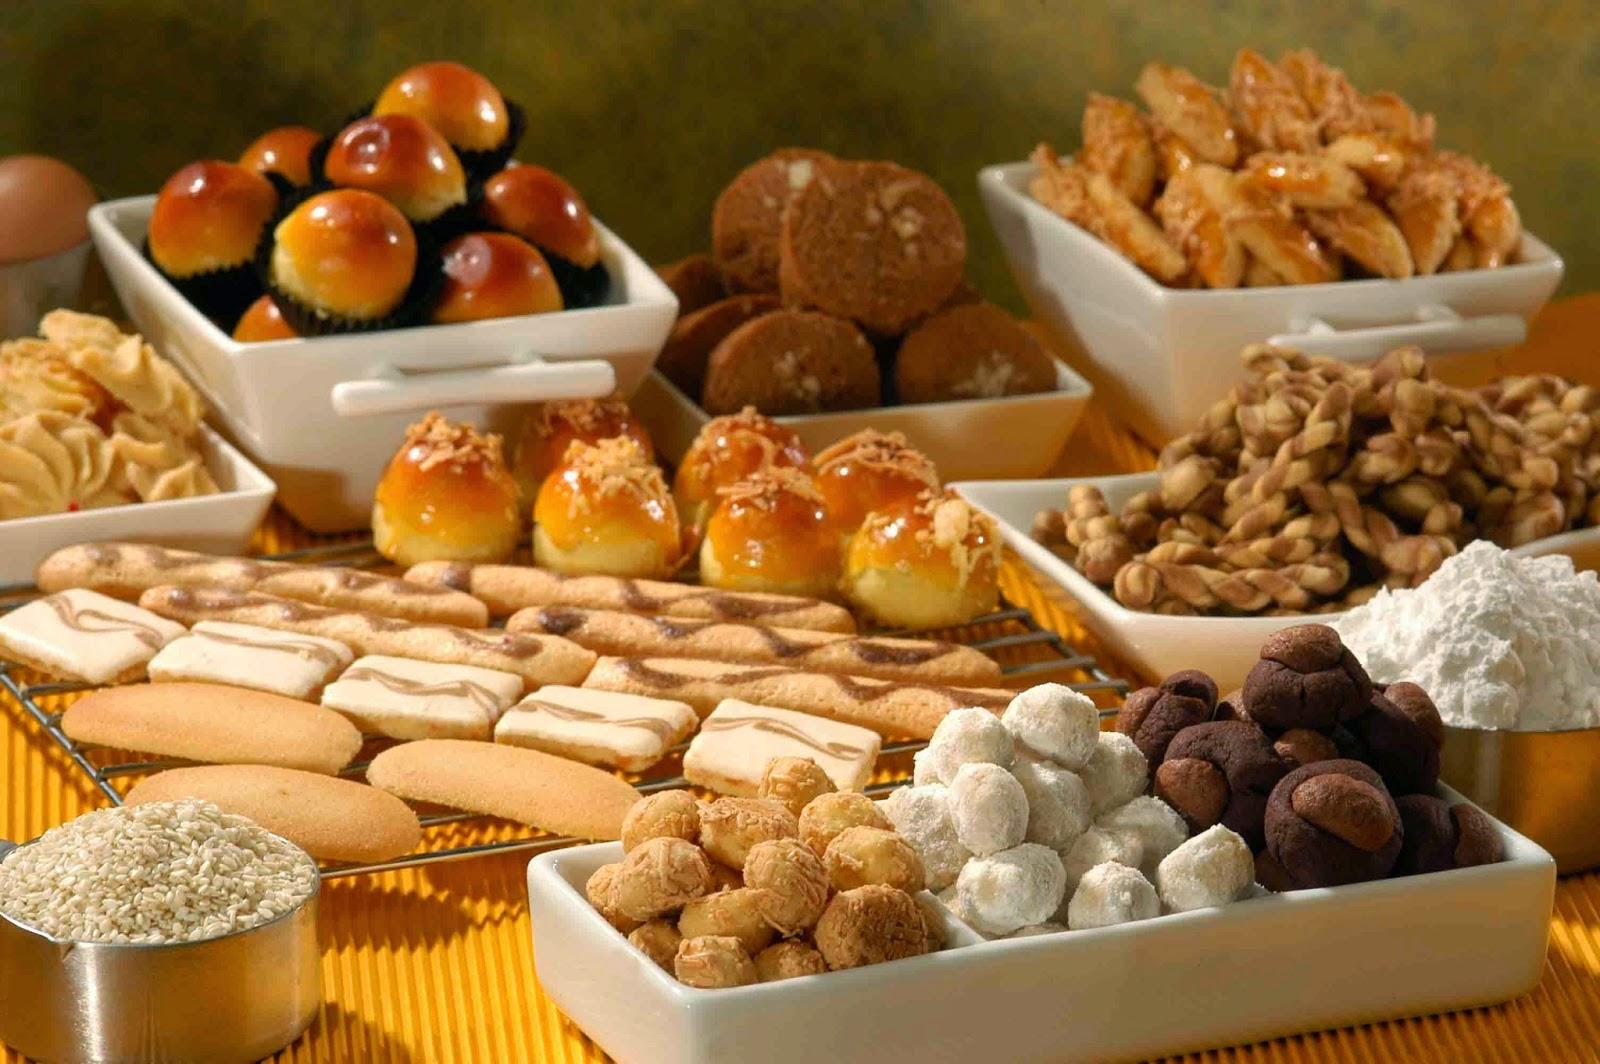 membuat kue kering atau kue lebaran lezat dan juga nikmat. Berikut